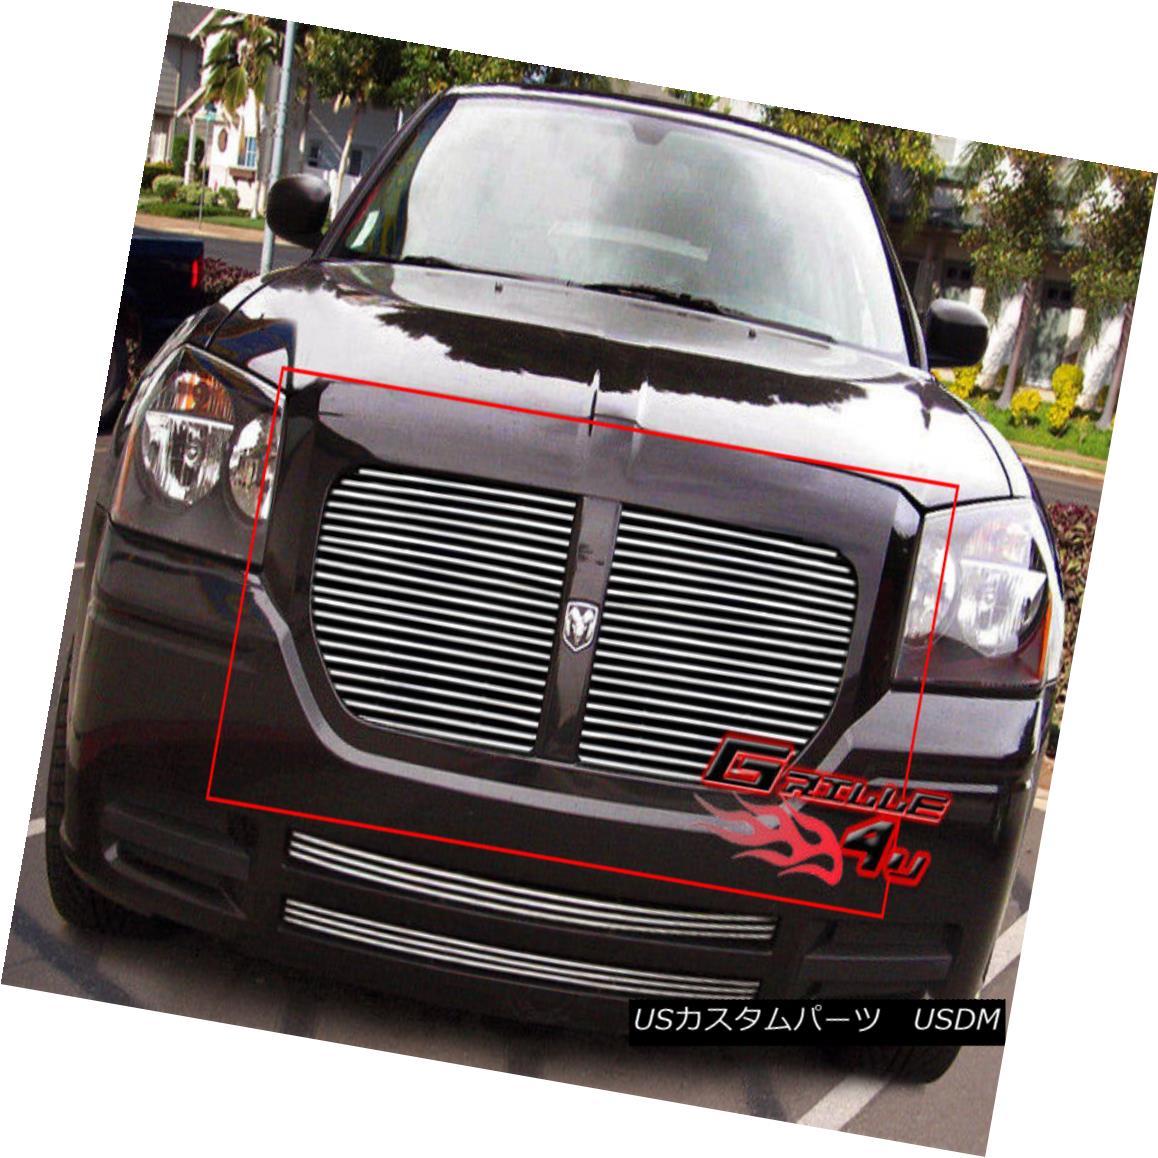 グリル Fits 2005-2007 Dodge Magnum Main Upper Billet Grille Insert Dodge Magnumメインアッパービレットグリルインサート